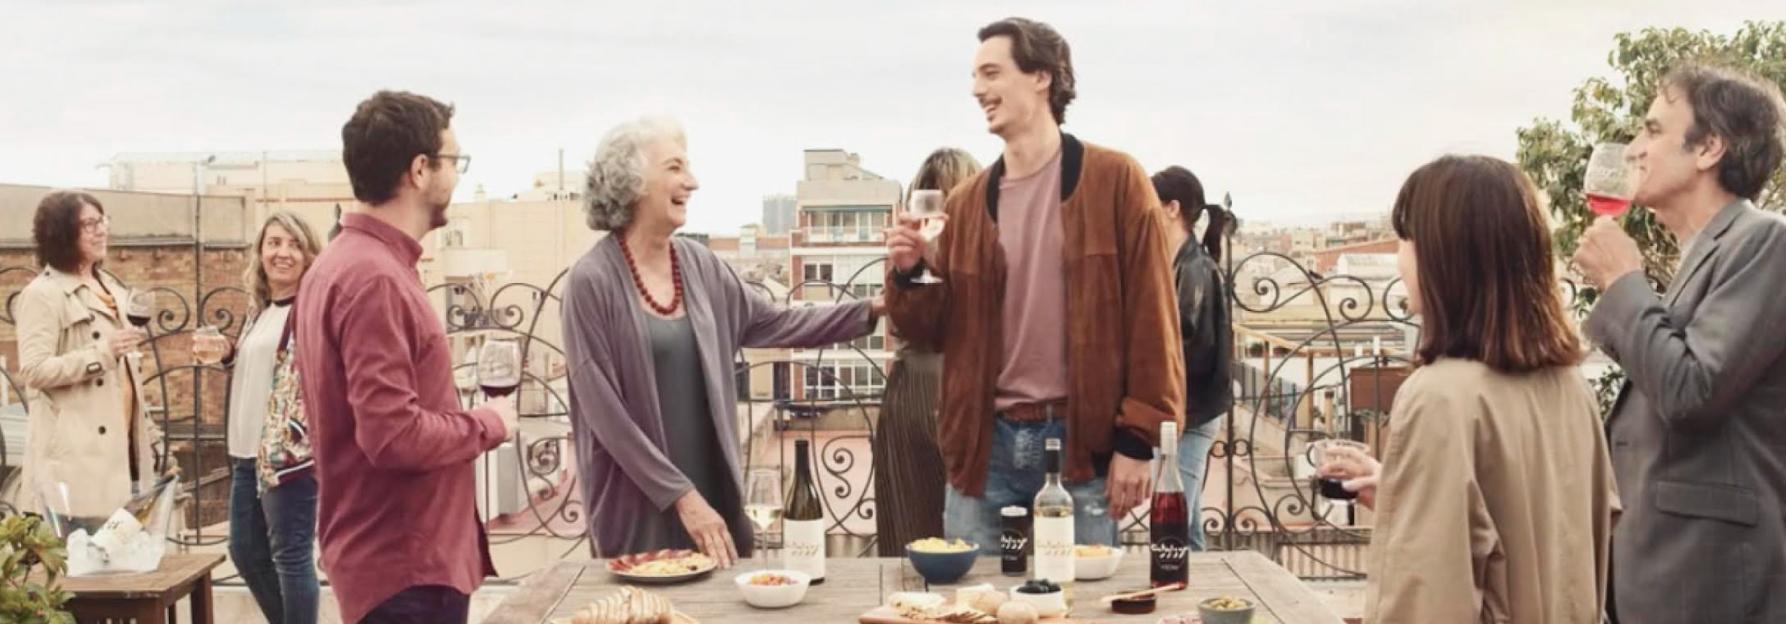 'El meu vi, les meves normes', campanya DO Catalunya